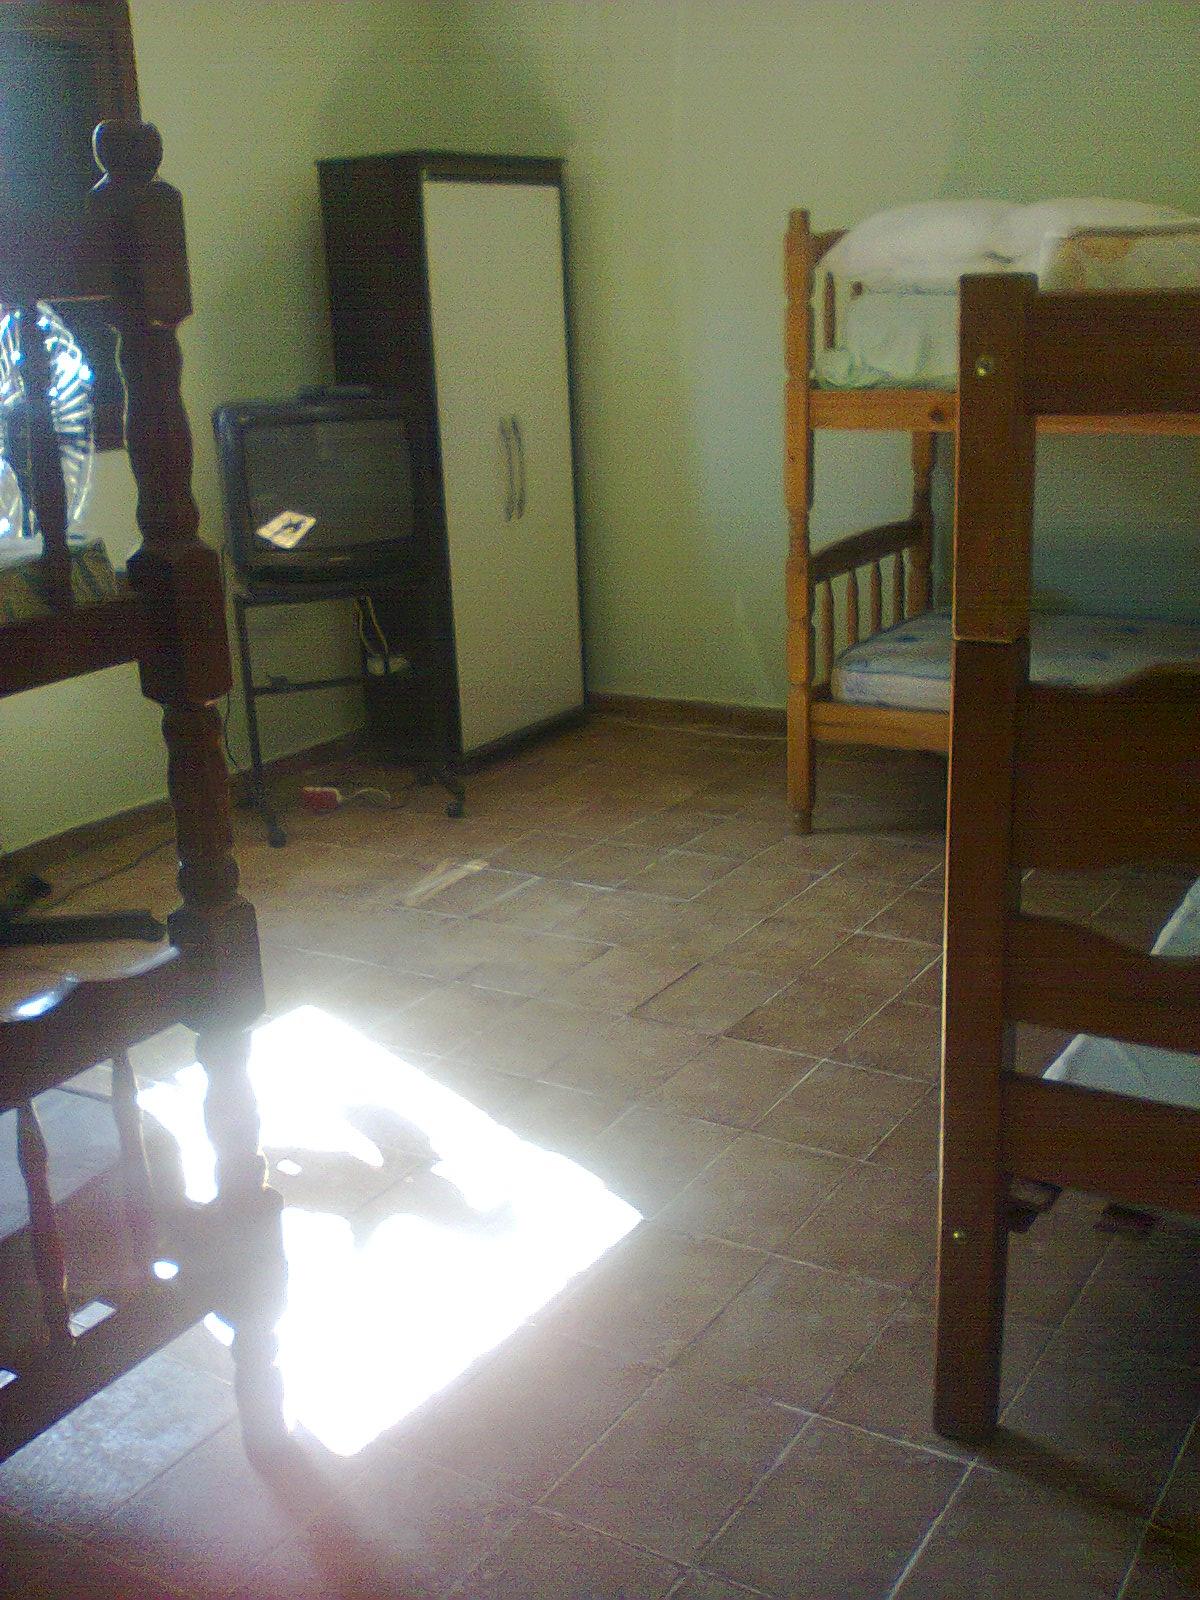 Loca Caraguá: ÓTIMO LOCAL QUARTO E COZINHA 300 METROS DA PRAINHA  #604D38 1200x1600 Banheiro Acessivel Completo